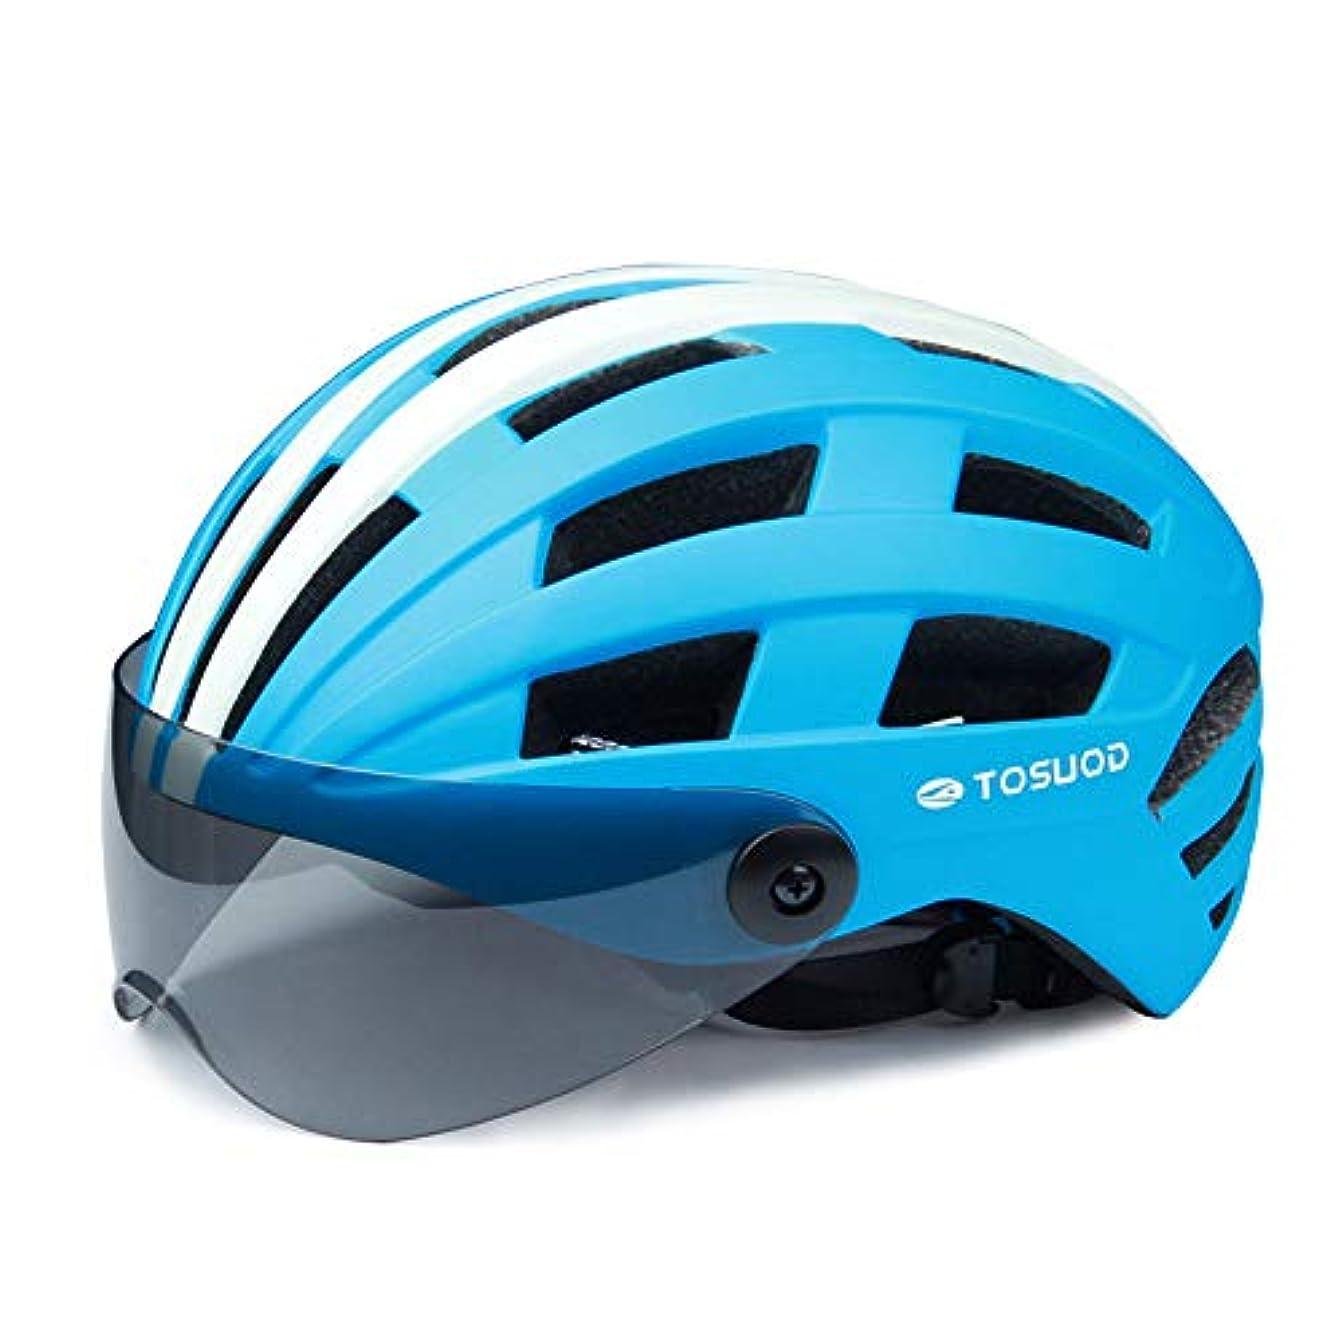 飾る標準ヘビ自転車 ヘルメット で磁気ゴーグルバ 超軽量 高剛性 サイクリング サイクリング/山地/道路に最適のヘルメット 通気 サイズ調整可能 男女兼用 55-62CM